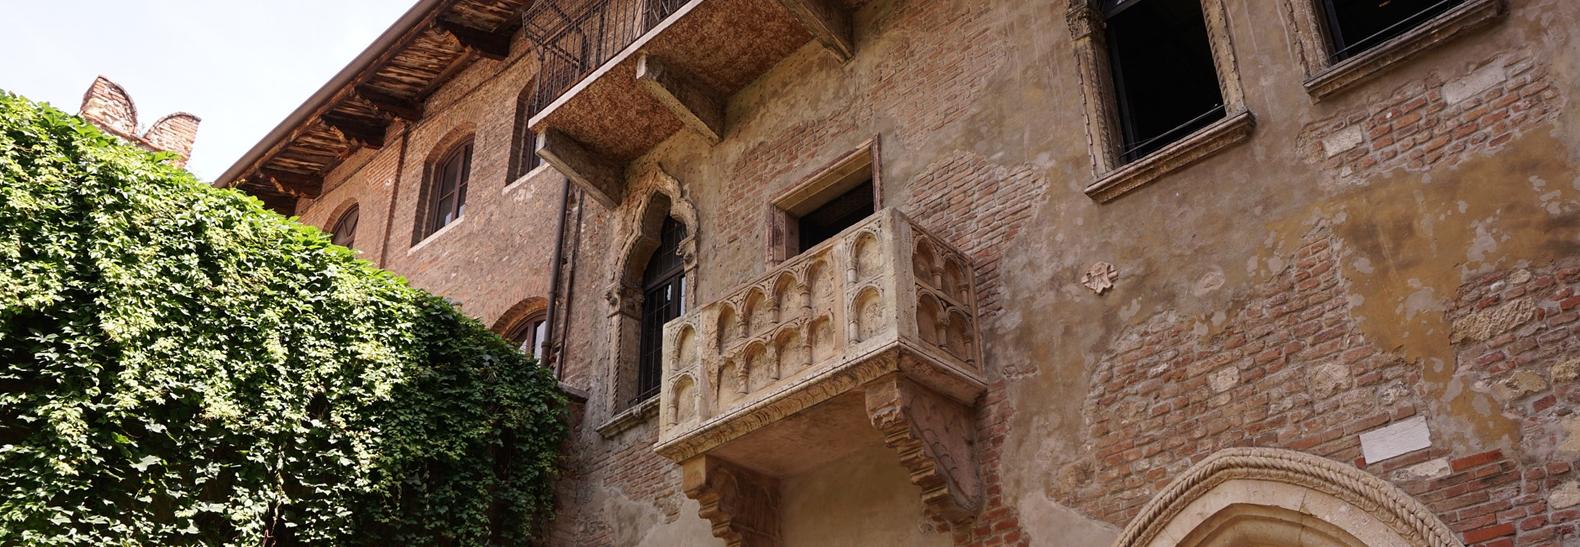 balcone-romeo-e-giulietta